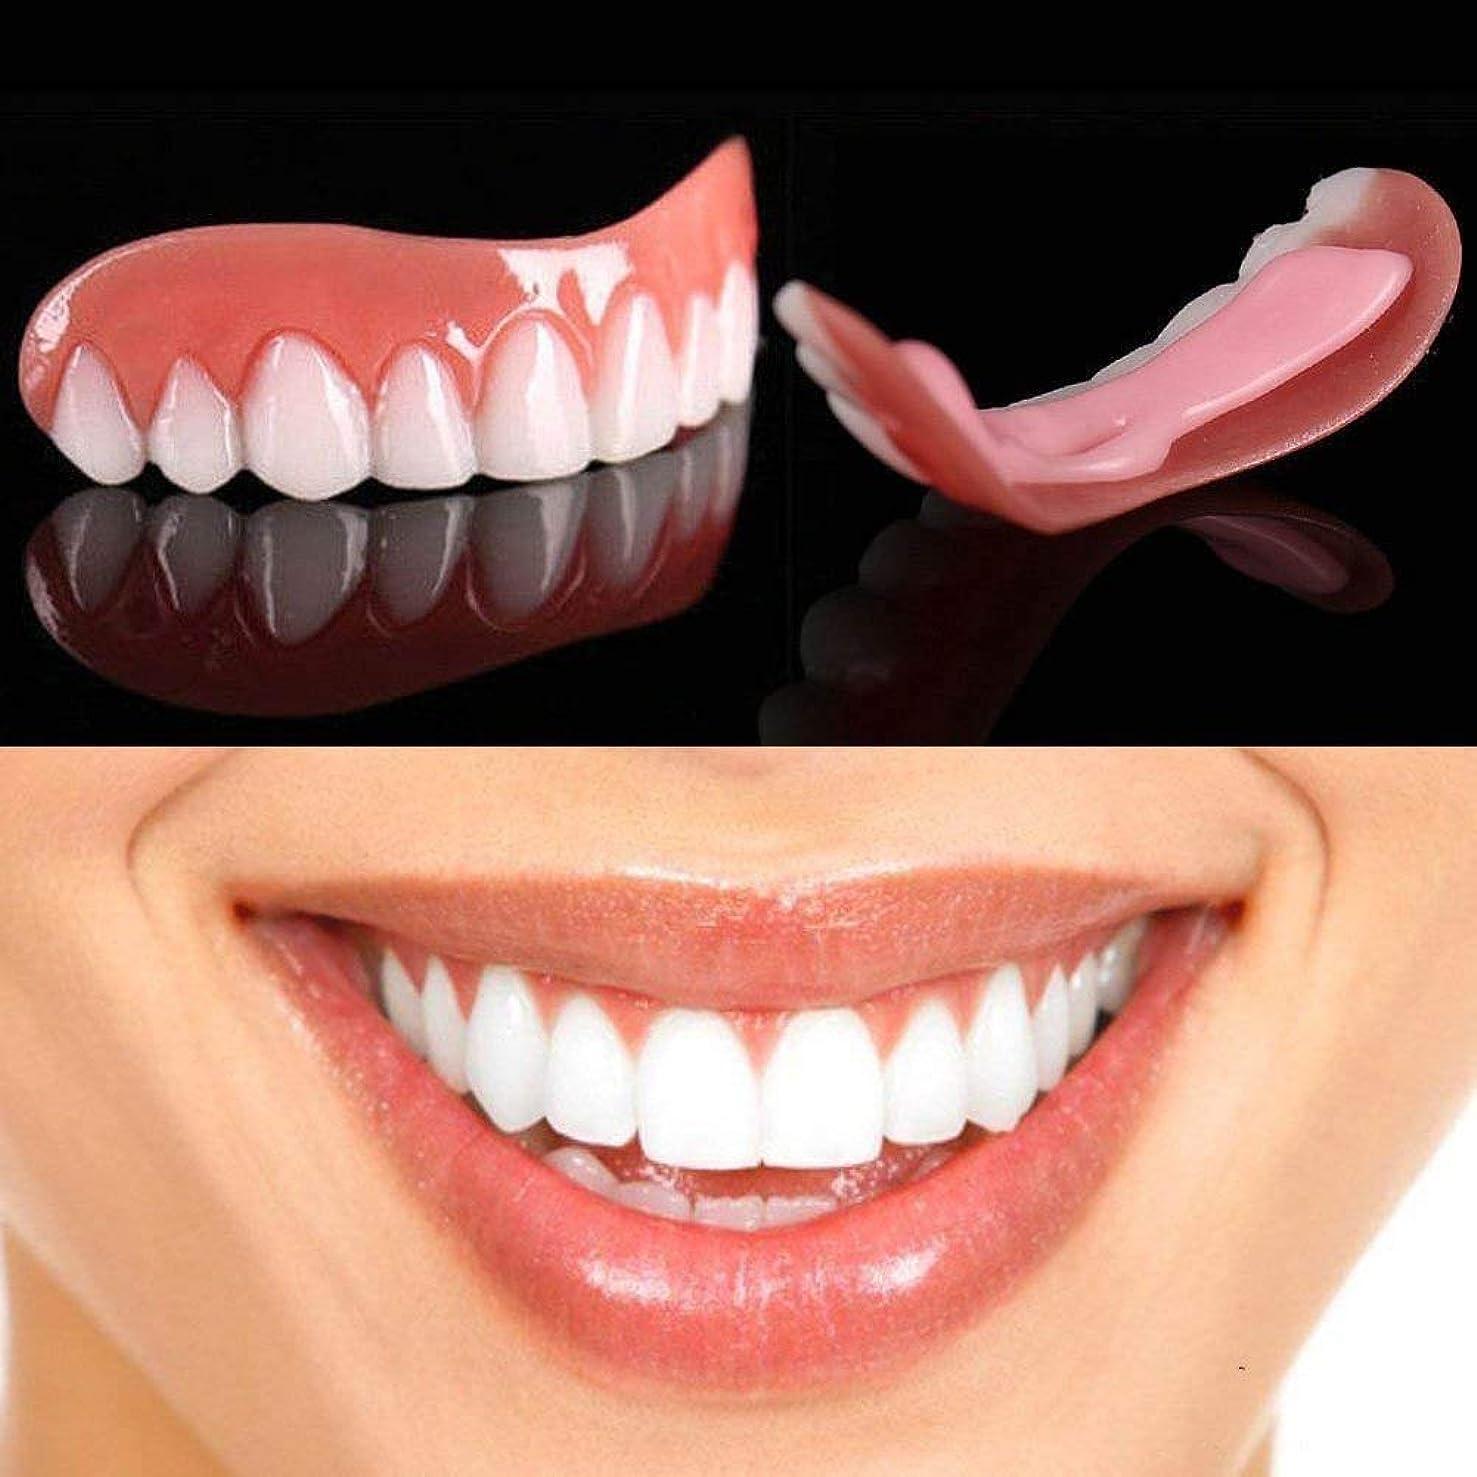 特定のクライアントめまい3組の一時的な化粧品の歯の義歯の歯の化粧品によって模倣されるブレース、即刻の快適で完全なベニヤの歯のスナップキャップを白くします